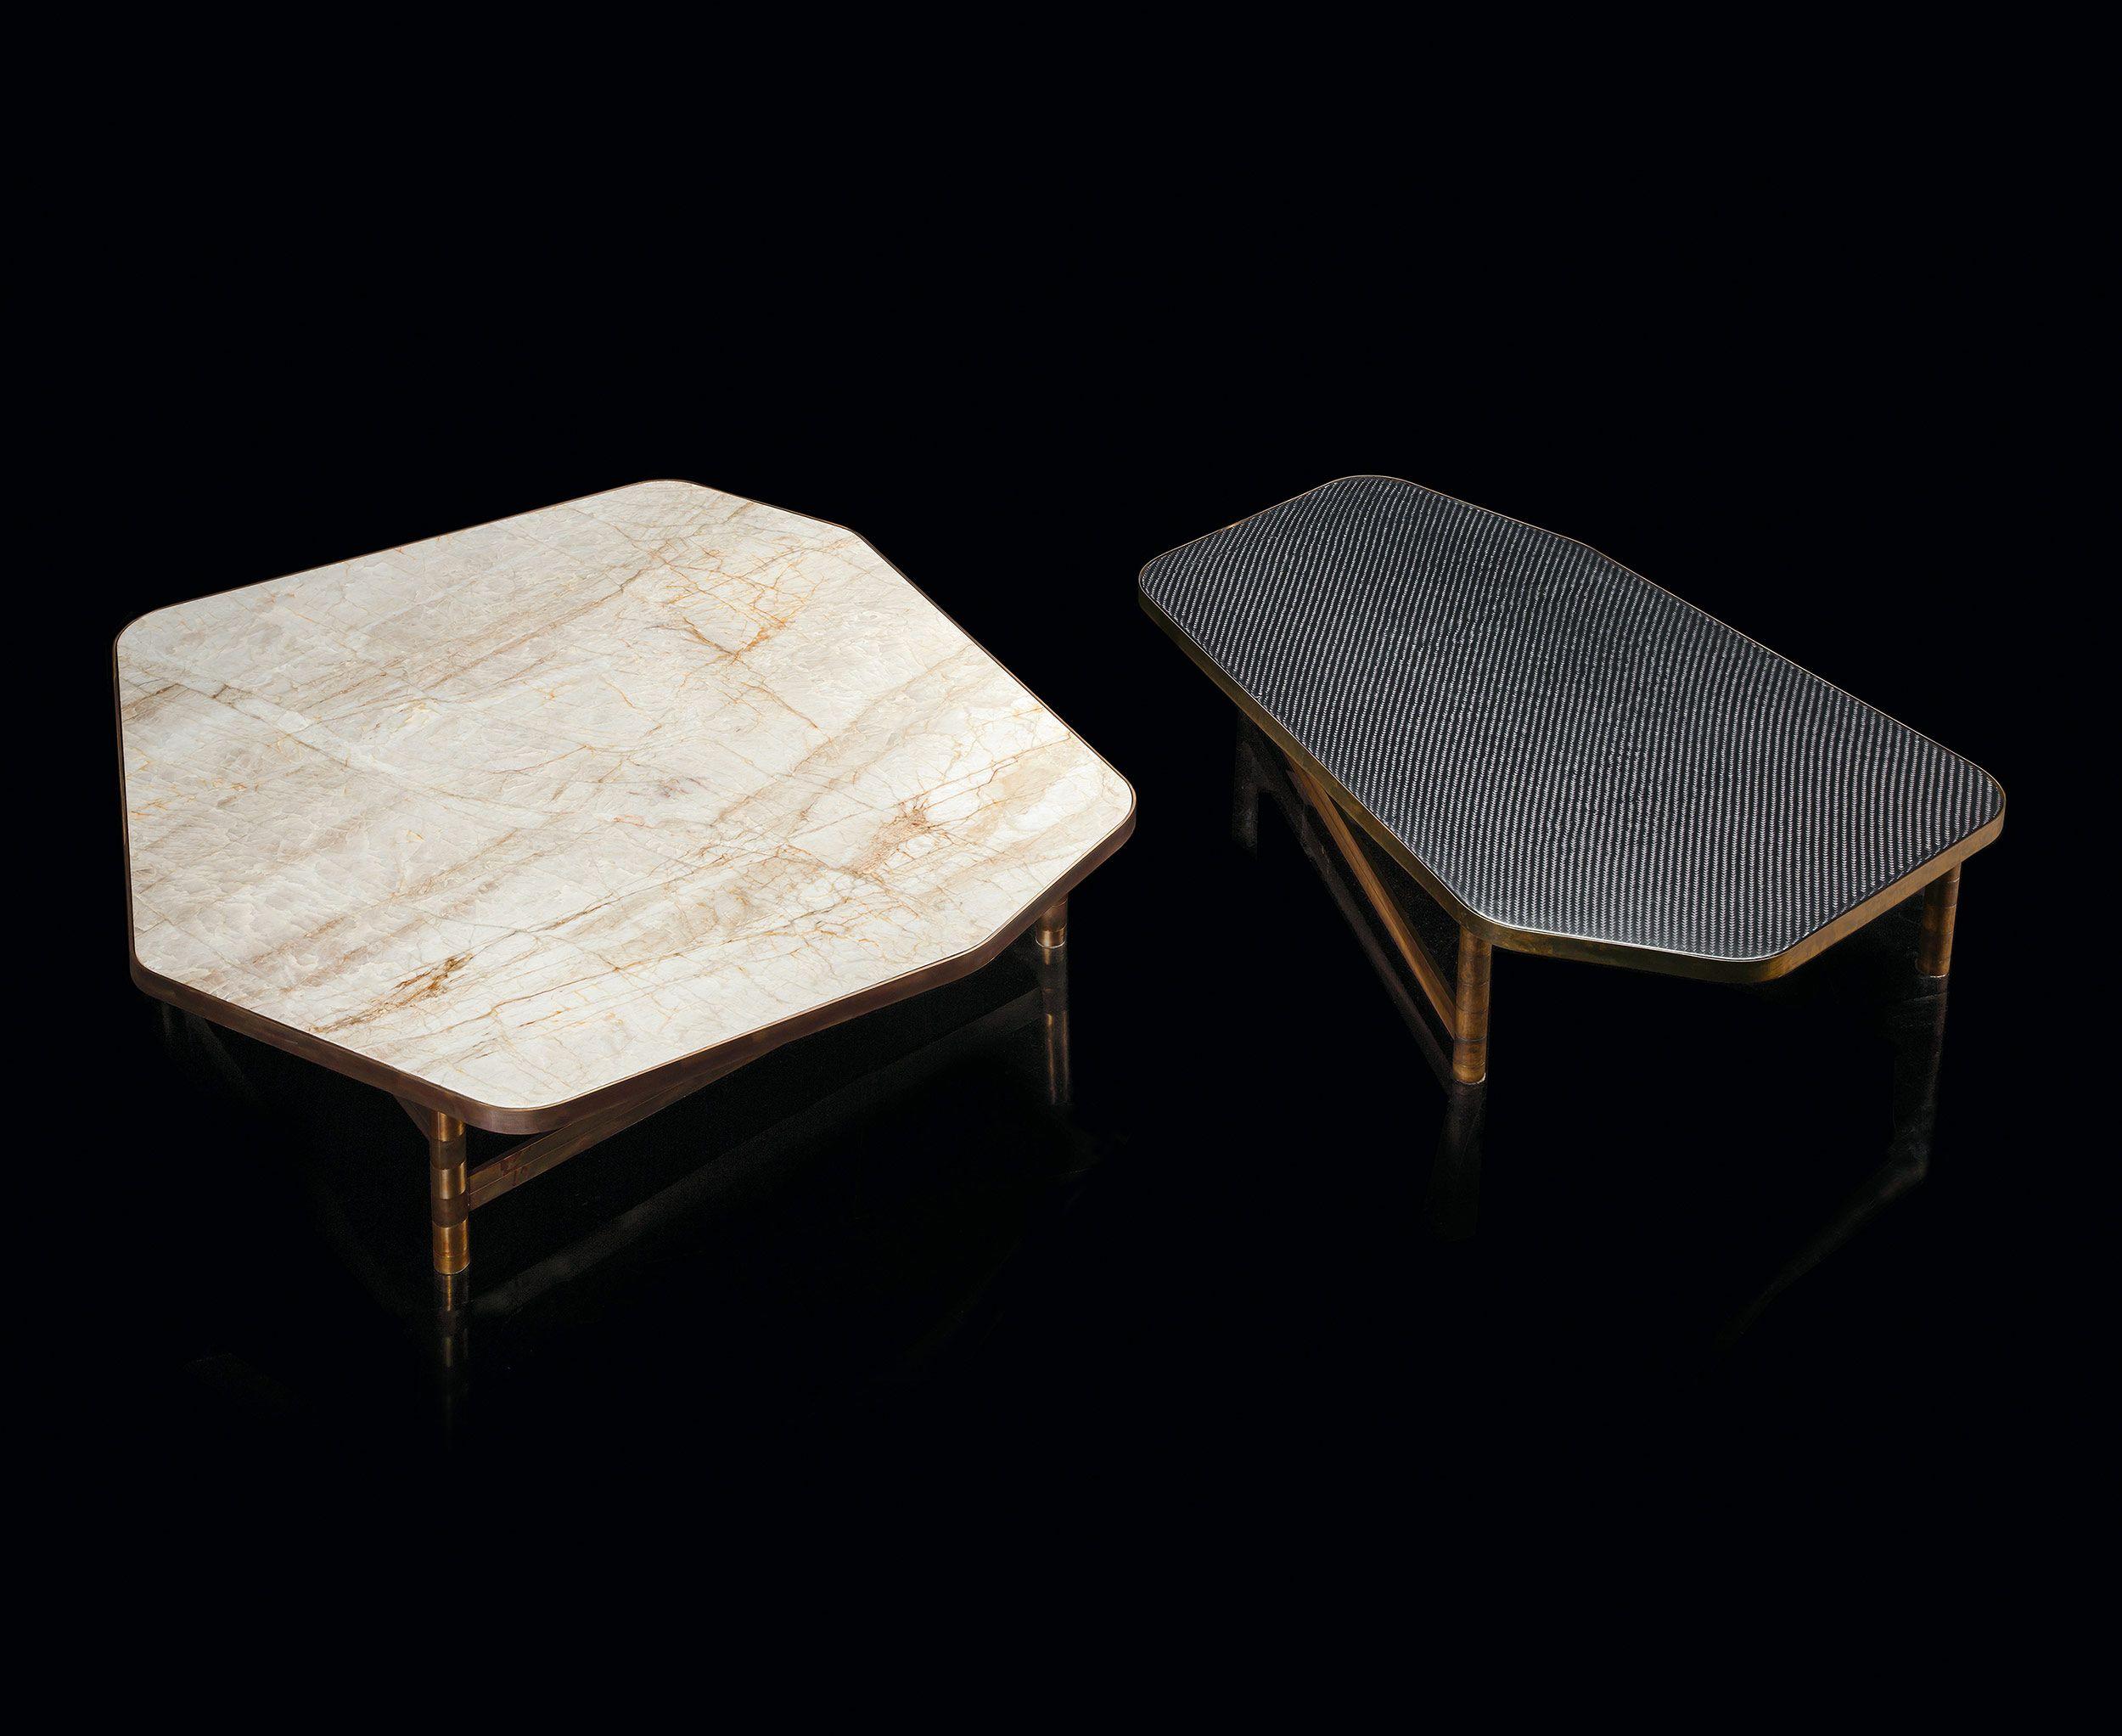 33fb73c1ddc16f76f17f3d94076dc477 Incroyable De Table Basse Le Corbusier Concept